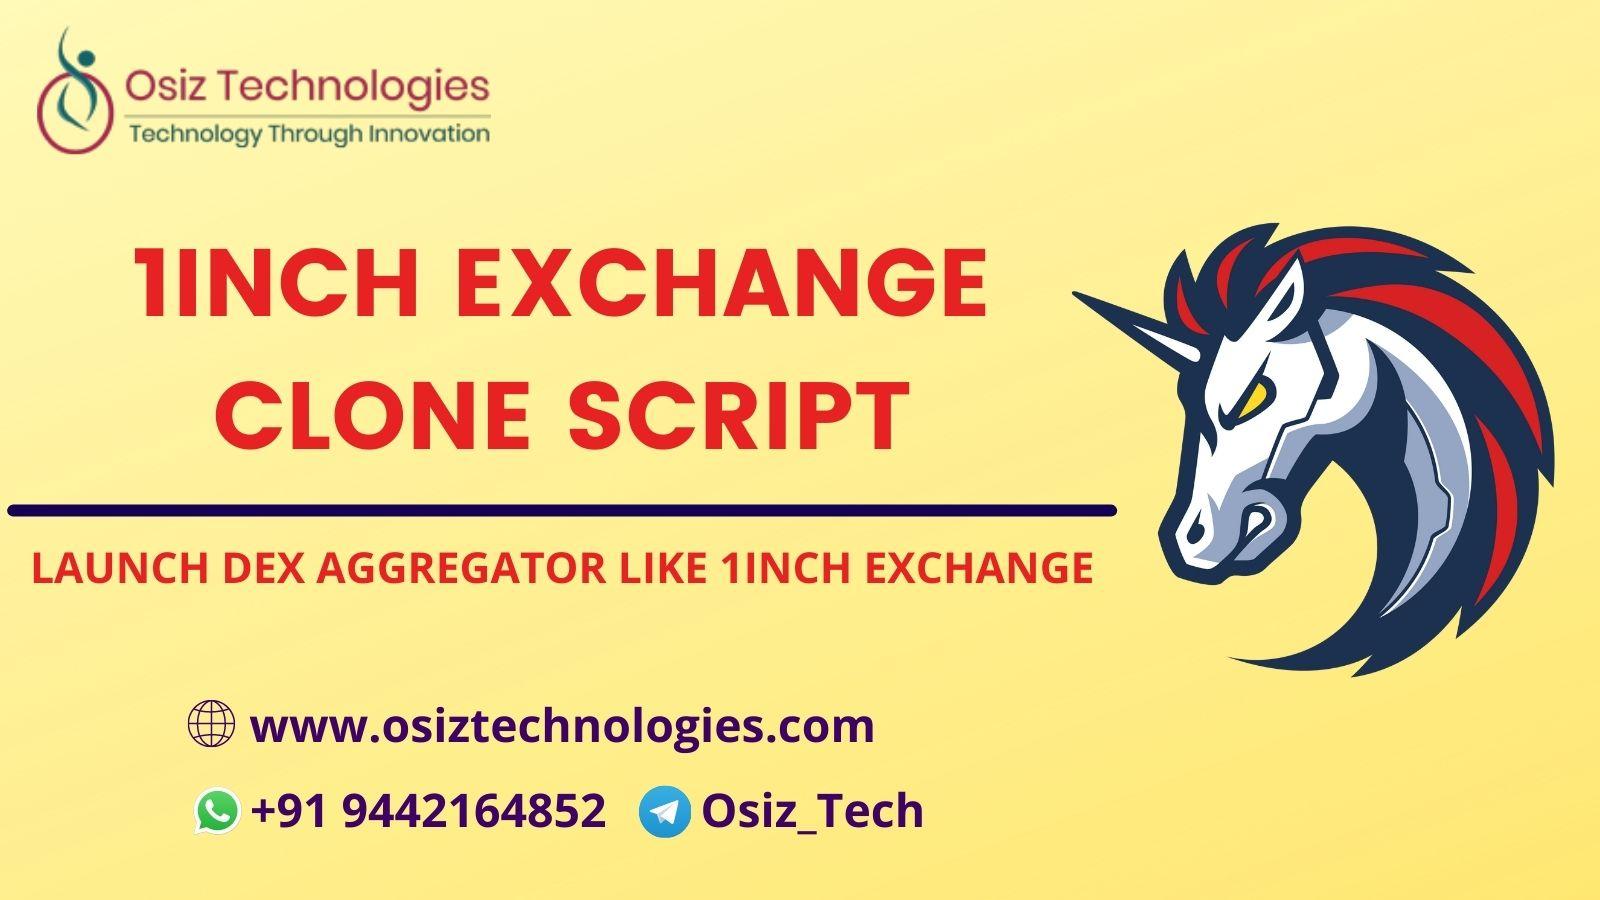 1inch Exchange clone script - Develop DeFi DEX Aggregator Like 1inch Exchange